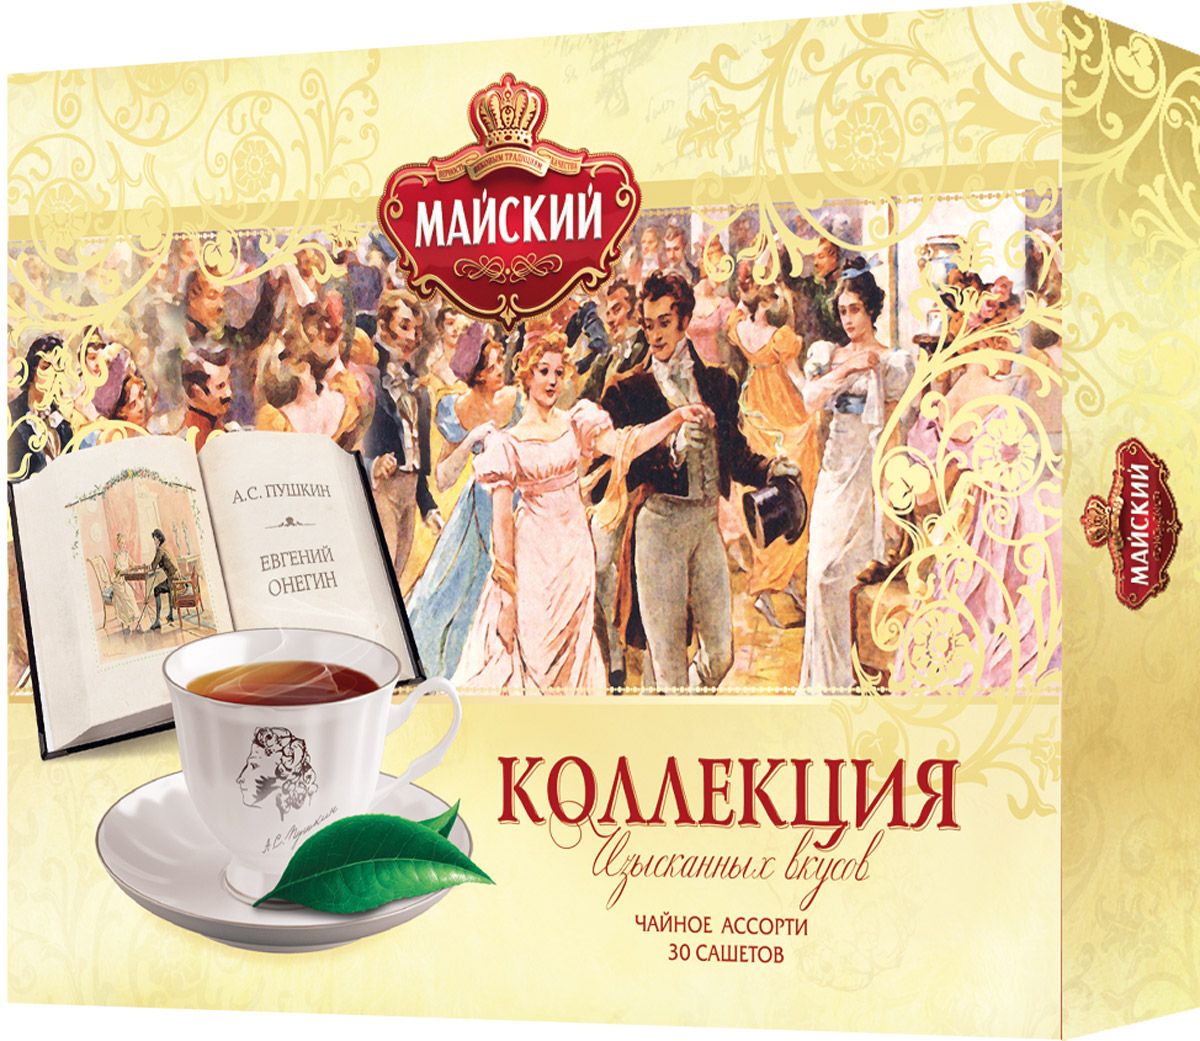 Майский Коллекция Изысканных вкусов Чайное ассорти черный чай в пакетиках, 30 шт114605Черный чай в пакетиках Коллекция Изысканных вкусов - уникальная коллекция вкусов чая Майский в изысканном подарочном формате упаковки.В набор входят: Благородный Цейлон: совершенство классики. Исключительный обволакивающий нежный вкус Высокогорного Цейлонского чая с выраженным цветочным ароматом.Ароматный бергамот: безупречное сочетание насыщенного черного чая и свежих цитрусовых ноток.Душистый чабрец: абсолютная гармония черного чая и летнего пряного аромата чабреца.Смородина с мятой: волнующее сочетание вкуса черного чая, сочной спелой смородины и натуральной мяты.Пряный Восток: насыщенный вкус черного чая с пряными нотками кардамона и согревающим ароматом корицы.Уважаемые клиенты! Обращаем ваше внимание на то, что упаковка может иметь несколько видов дизайна. Поставка осуществляется в зависимости от наличия на складе.Всё о чае: сорта, факты, советы по выбору и употреблению. Статья OZON Гид